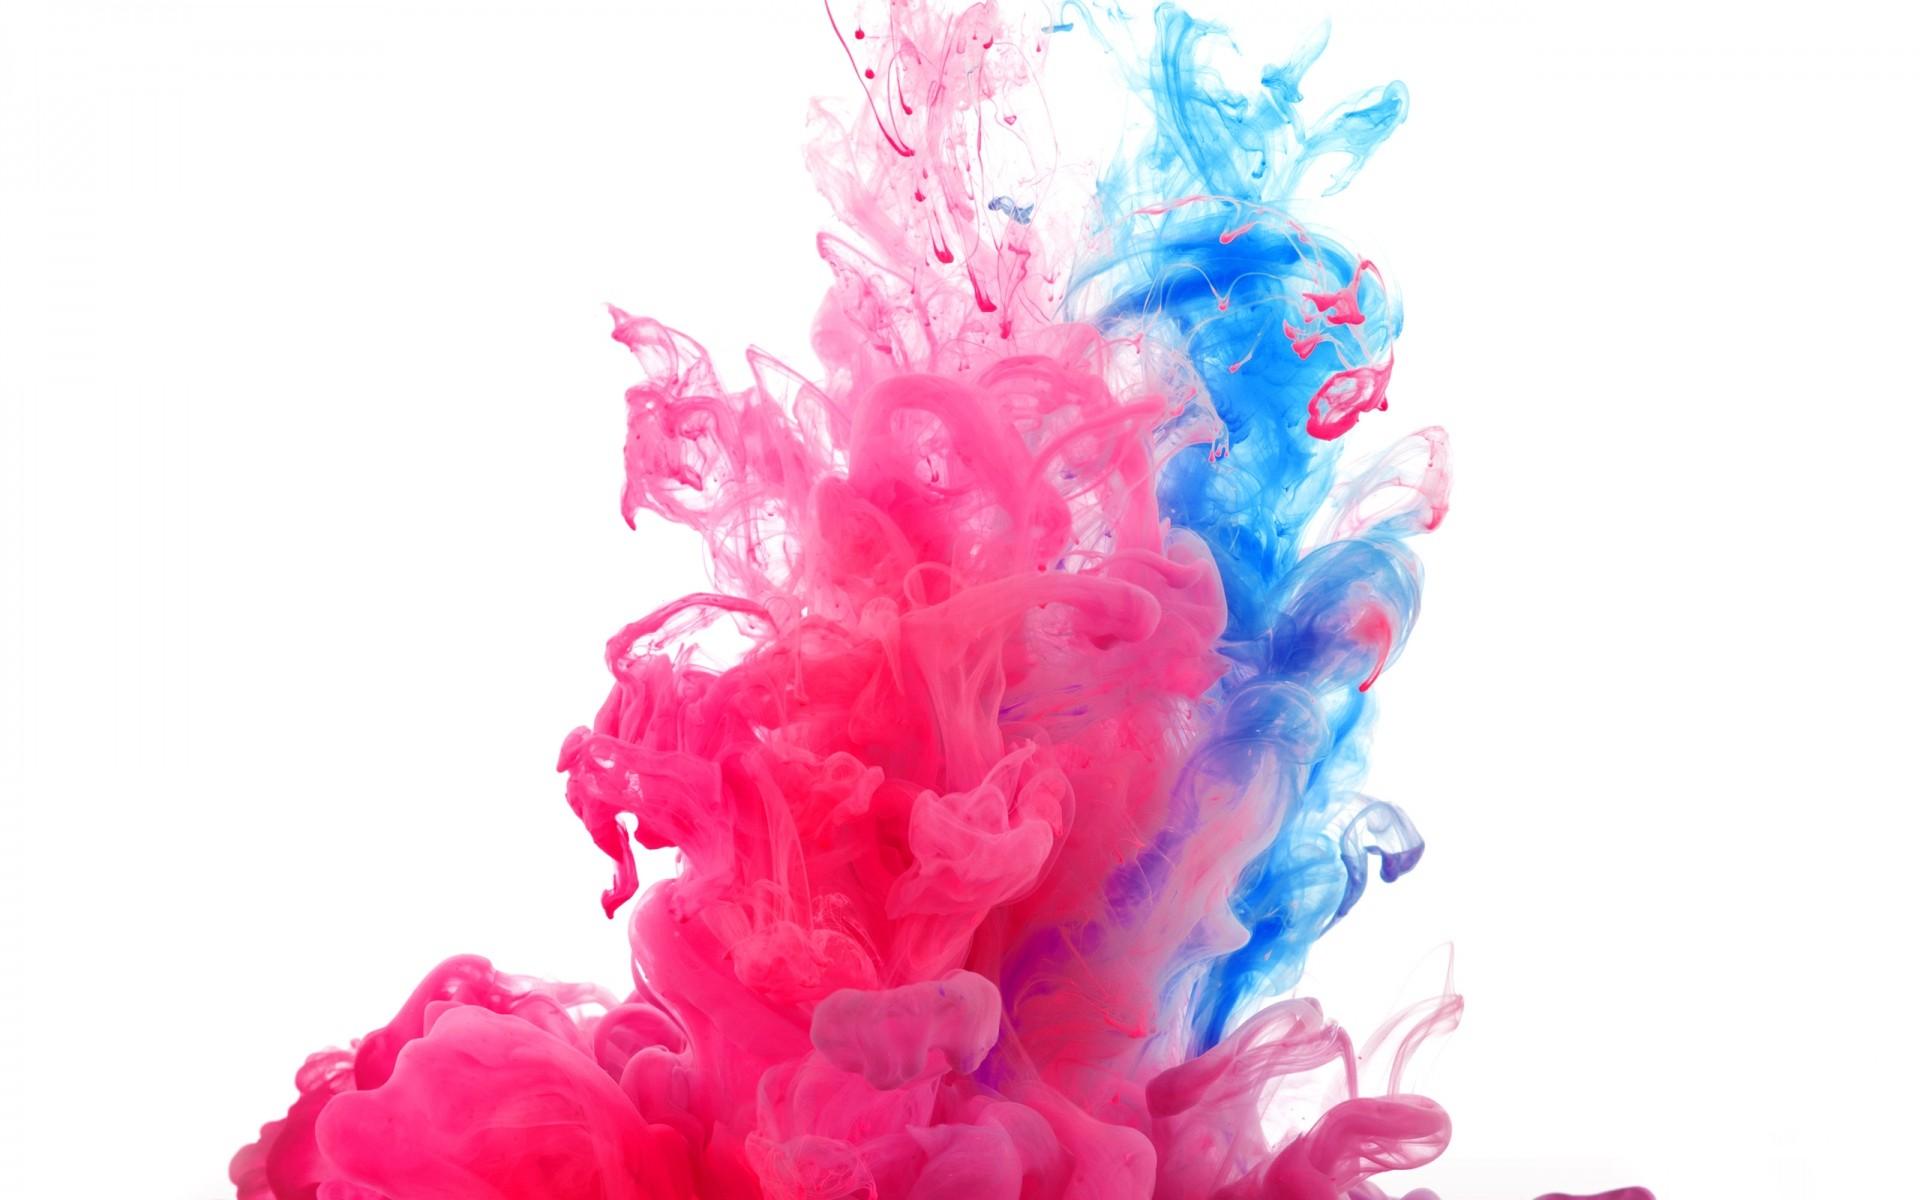 Pink & Blue Smoke Rising wallpapers